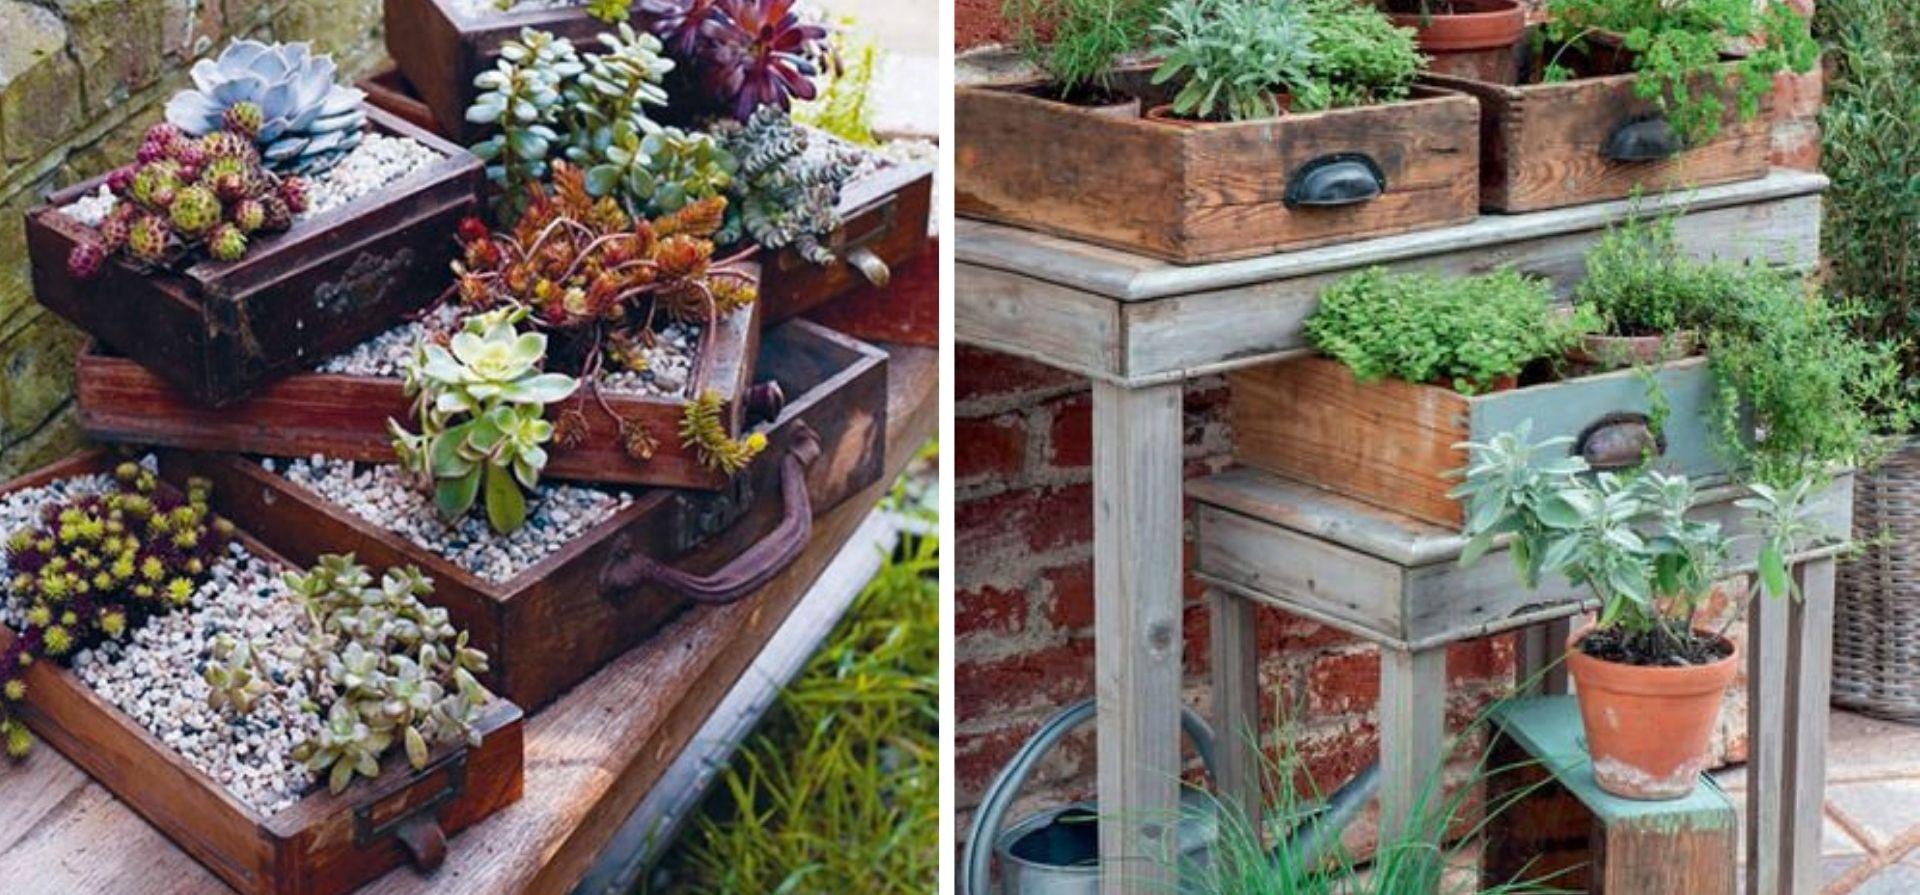 valises et tirroir vintage jardin